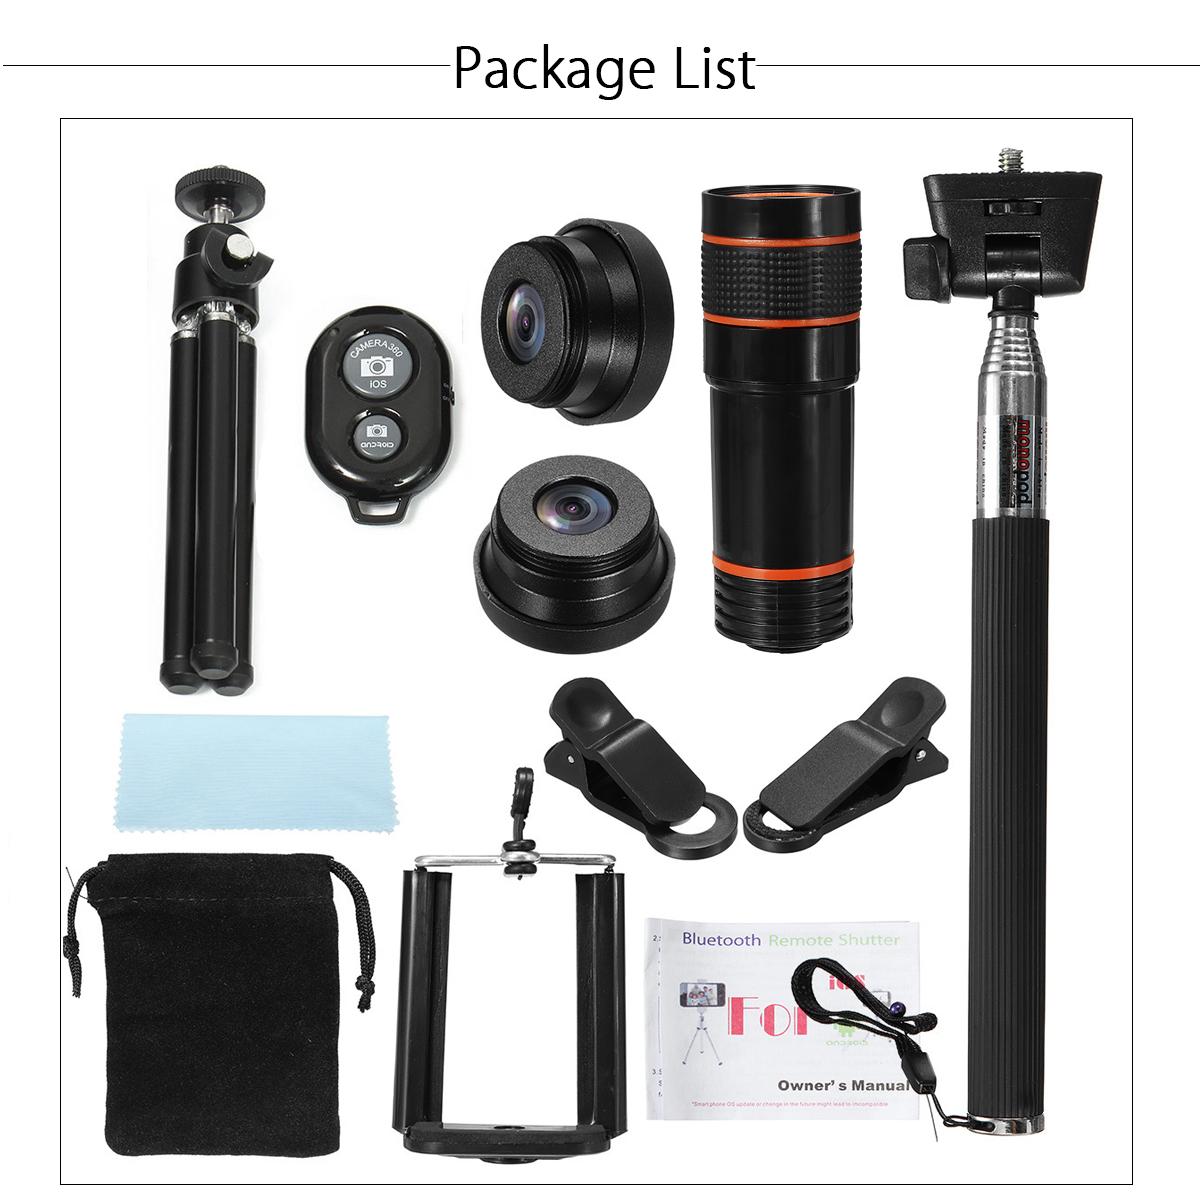 Generic All in1 Phone Camera Lens 12X Telescope Selfie Stick